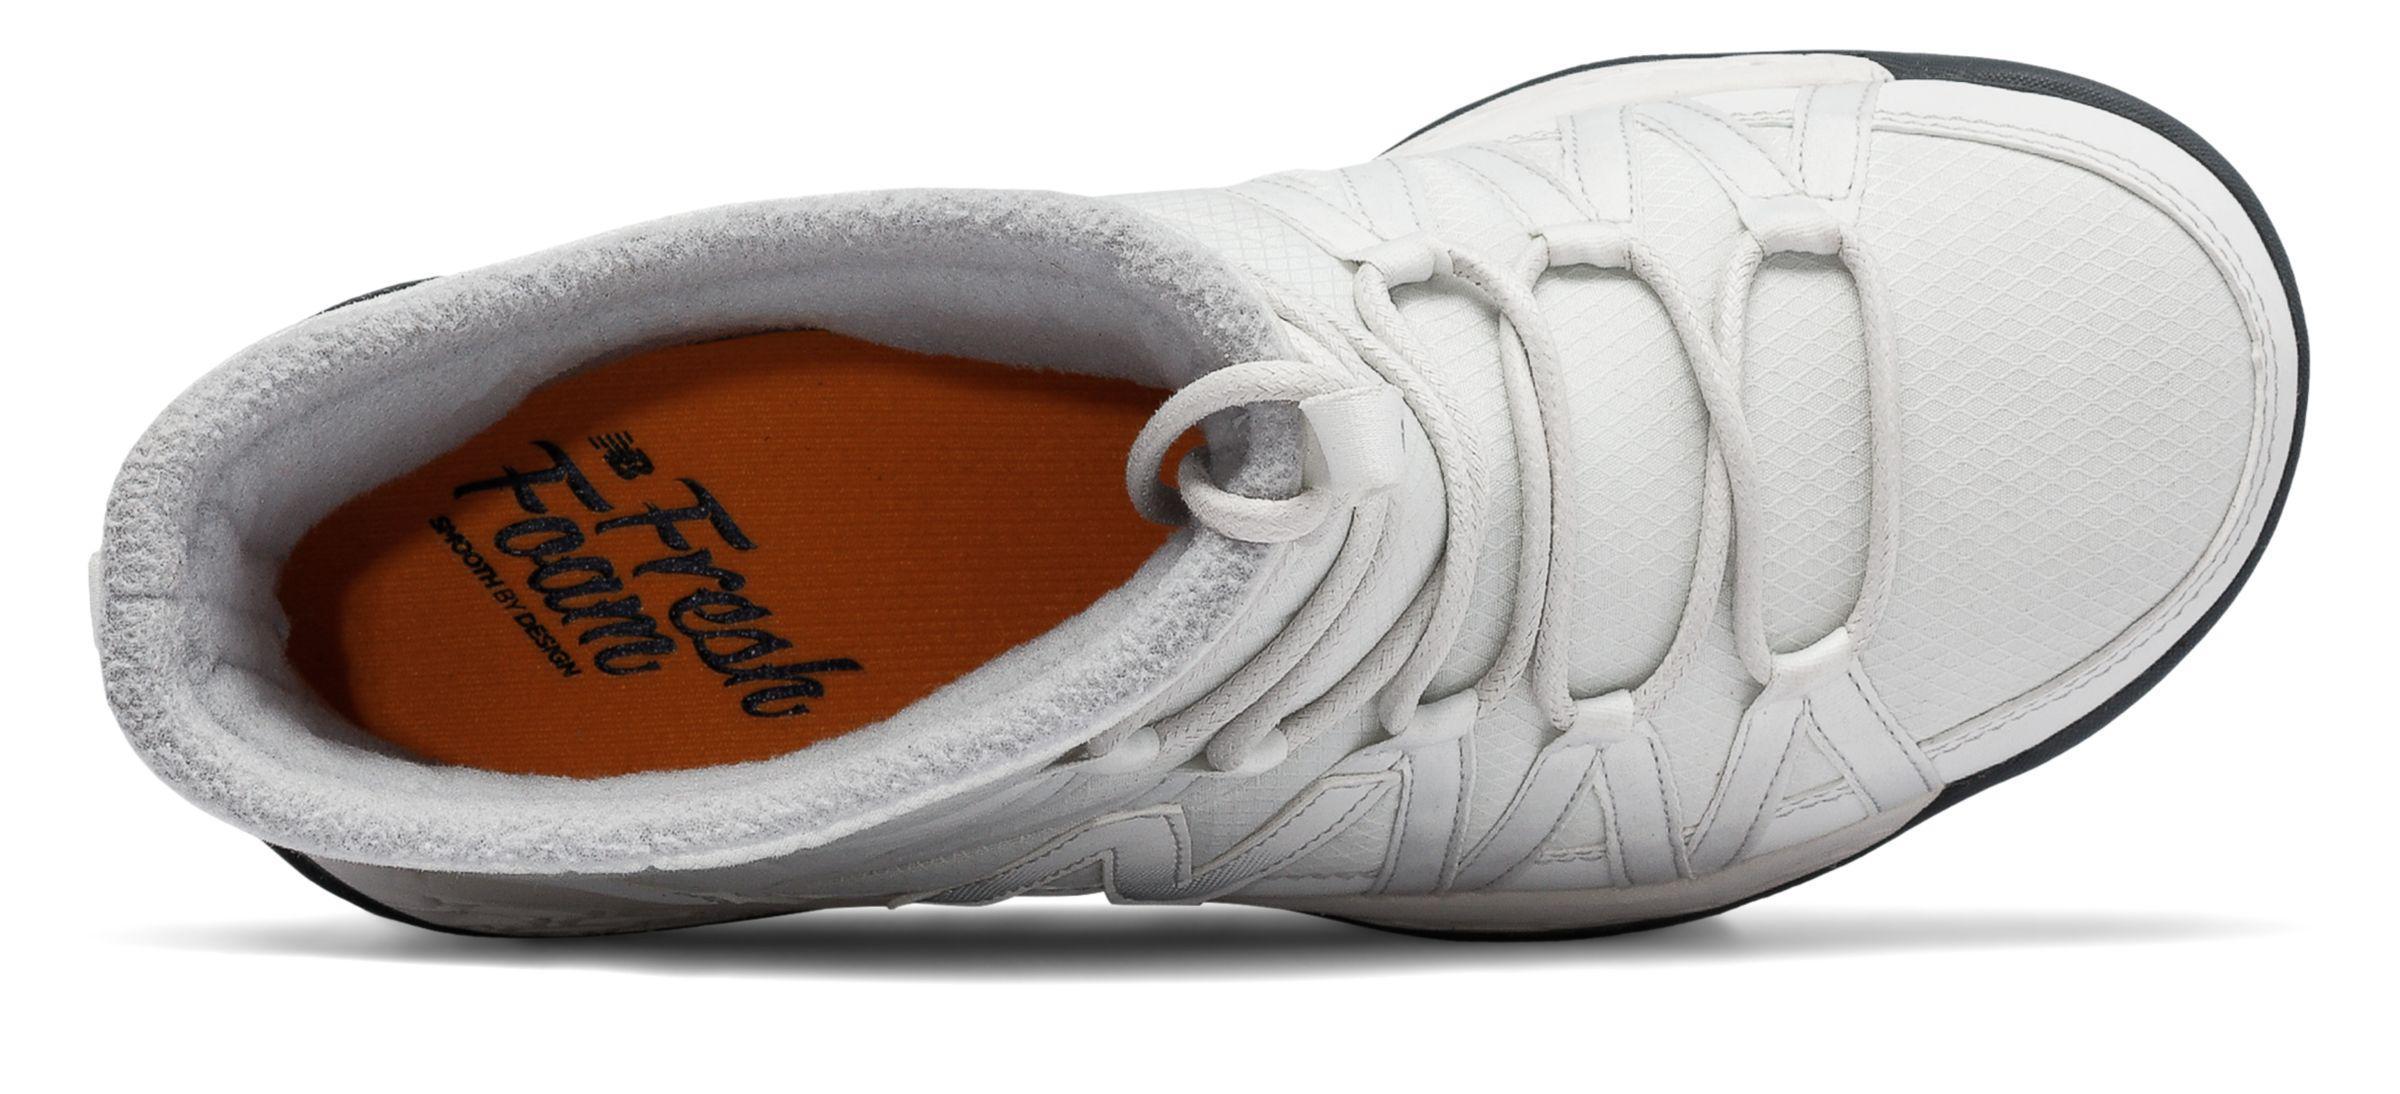 Fresh Foam 2000 Boot in Gray